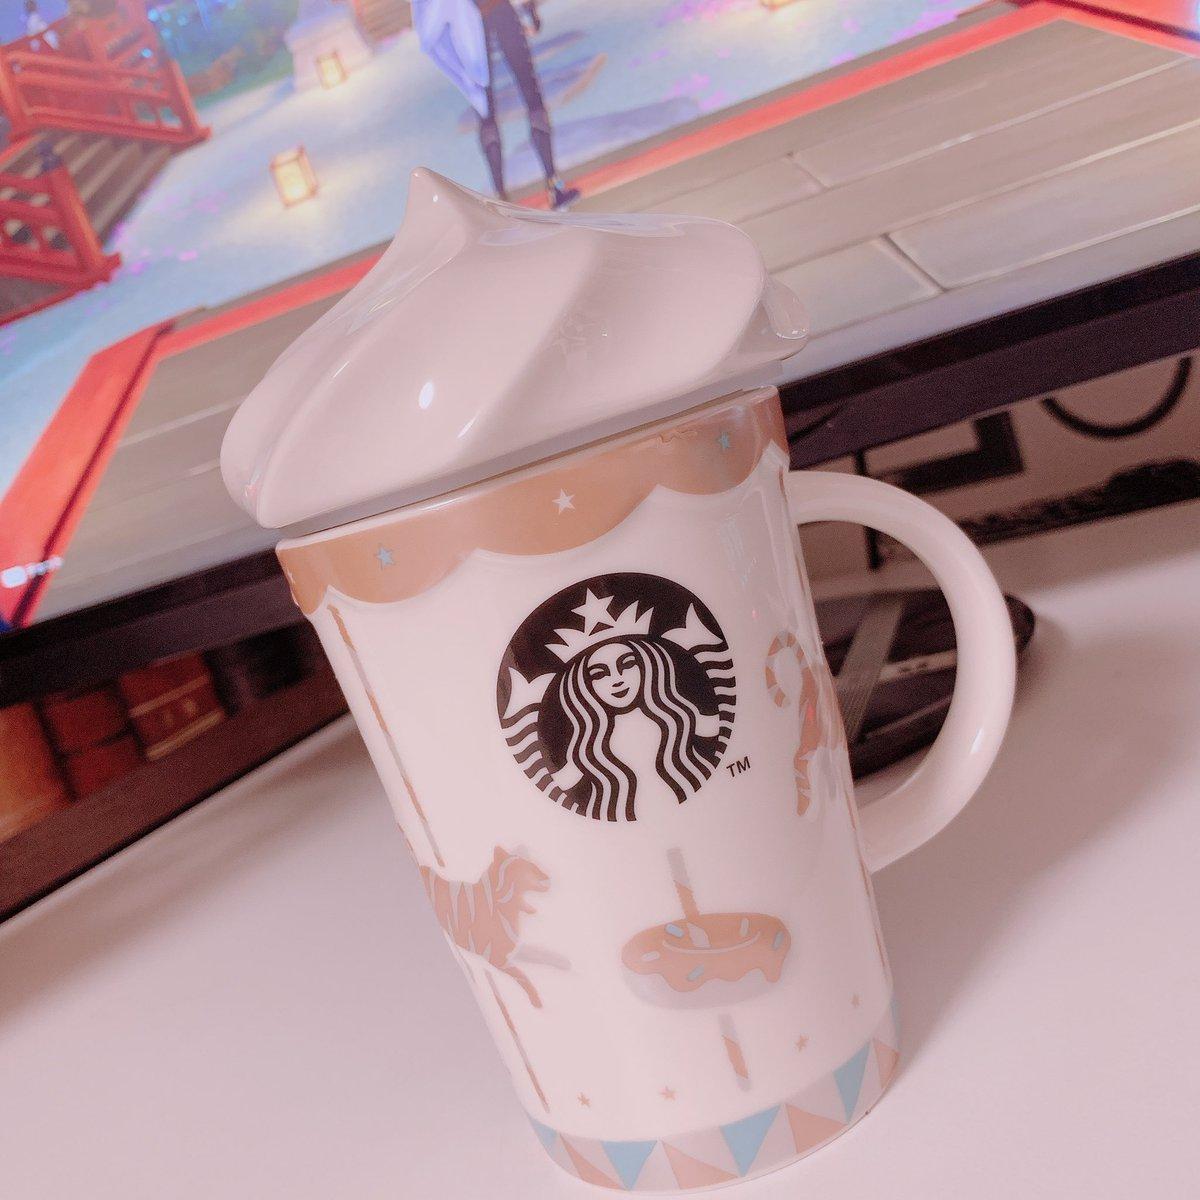 悠木碧の8月2日のツイッター画像